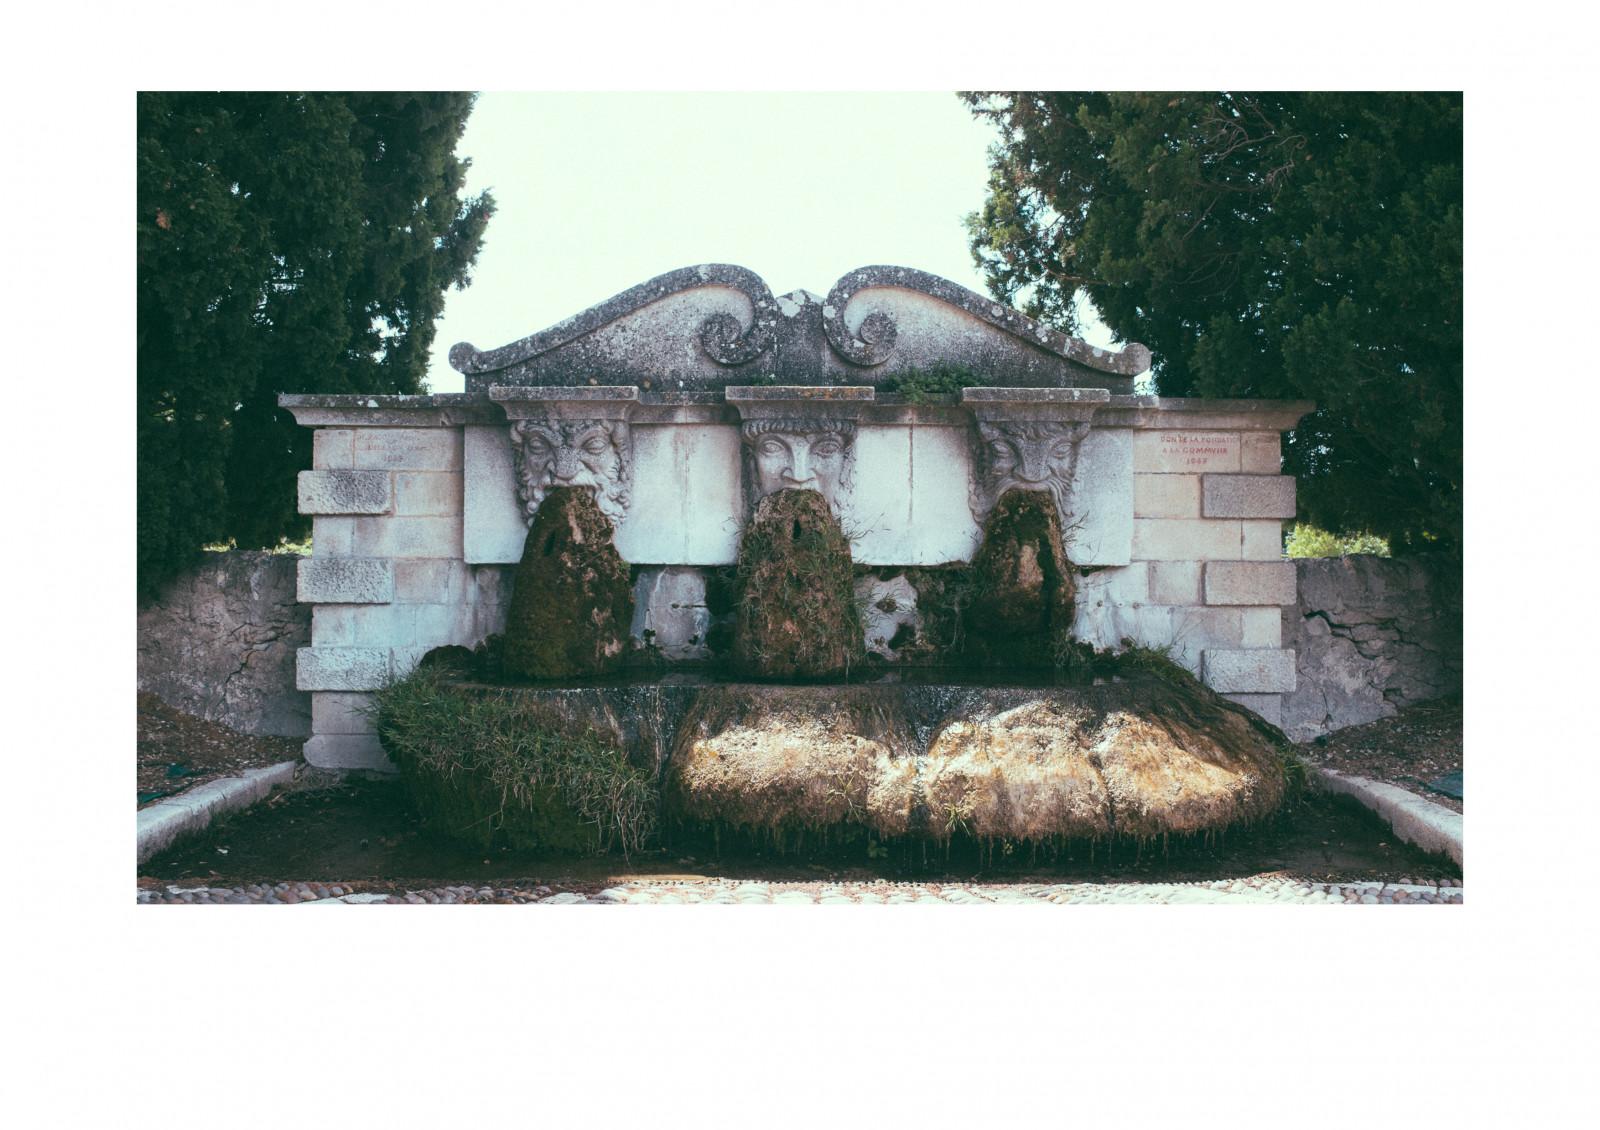 Hintergrundbilder : Weiß, alt, Wasser, Haus, Zeit, Frankreich ...